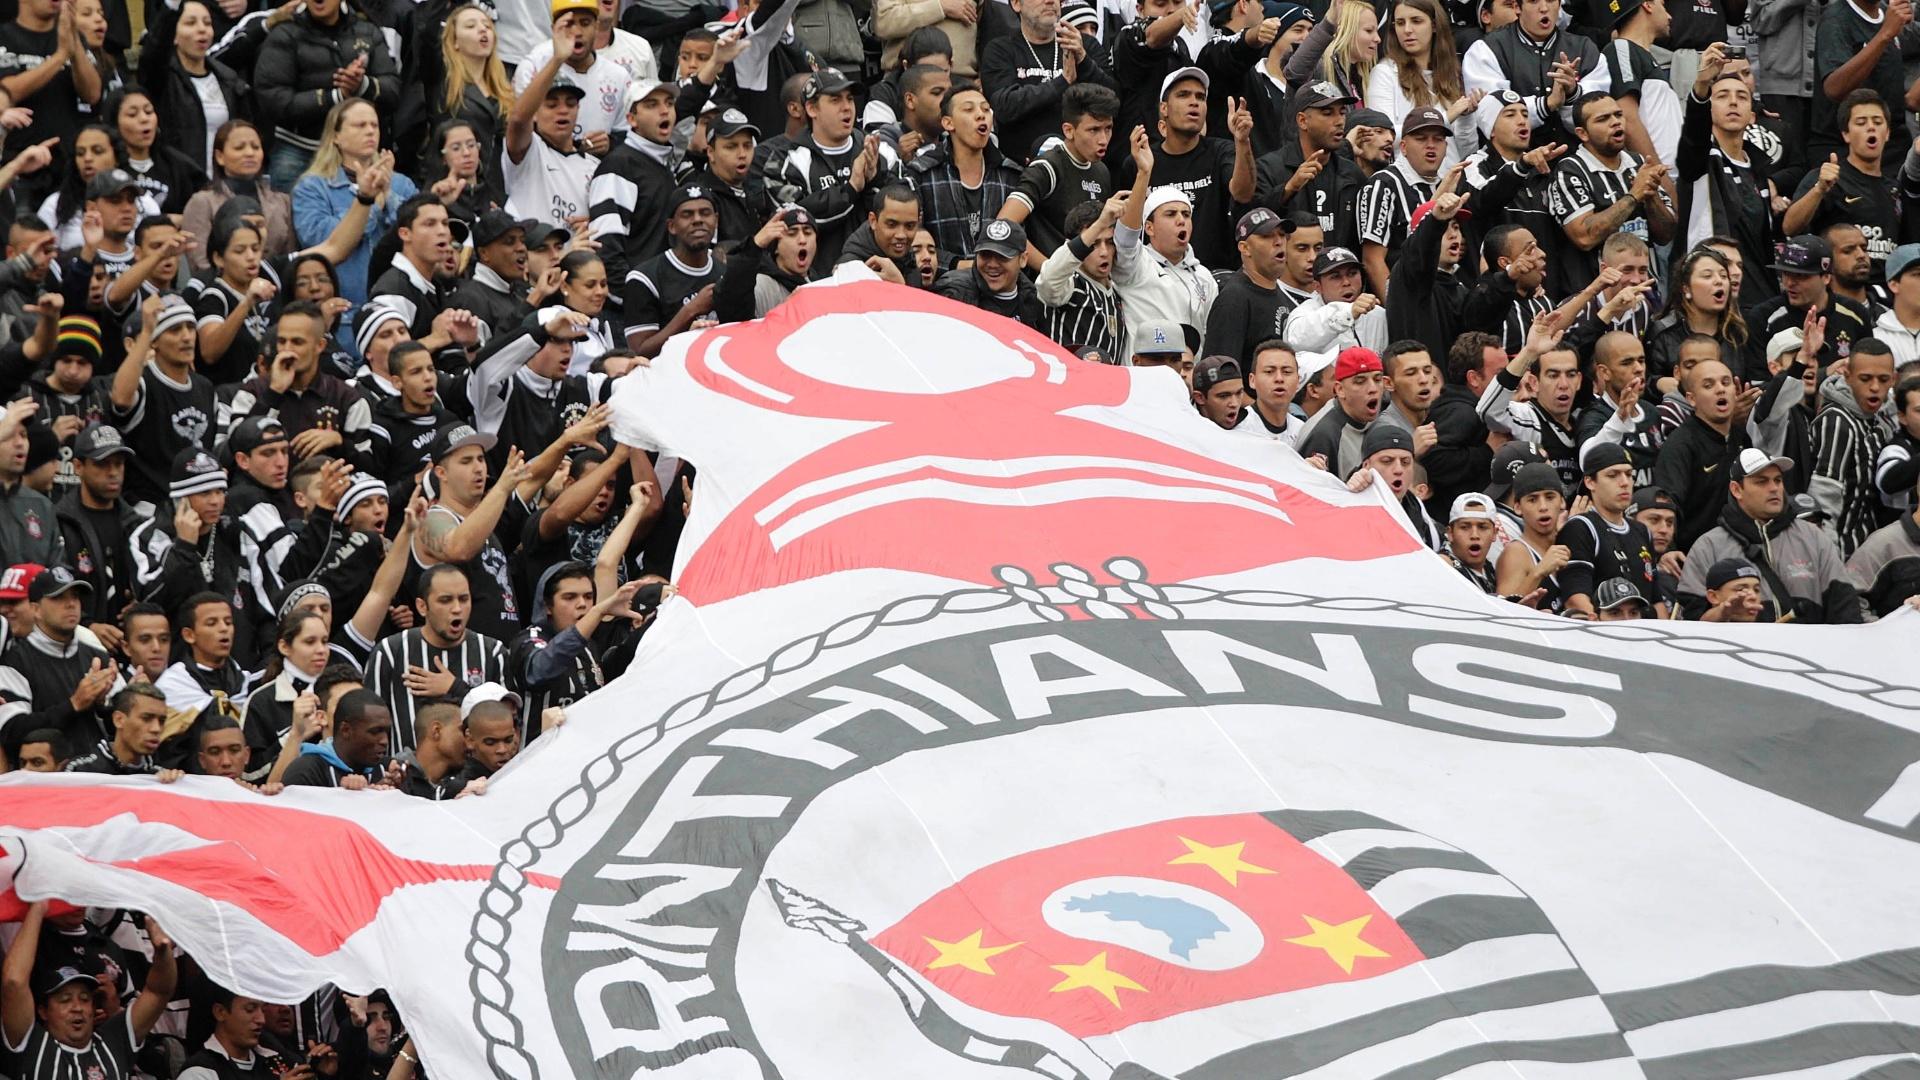 18.08.13 - Apesar do frio em São Paulo, torcida do Corinthians marca presença no Pacaembu